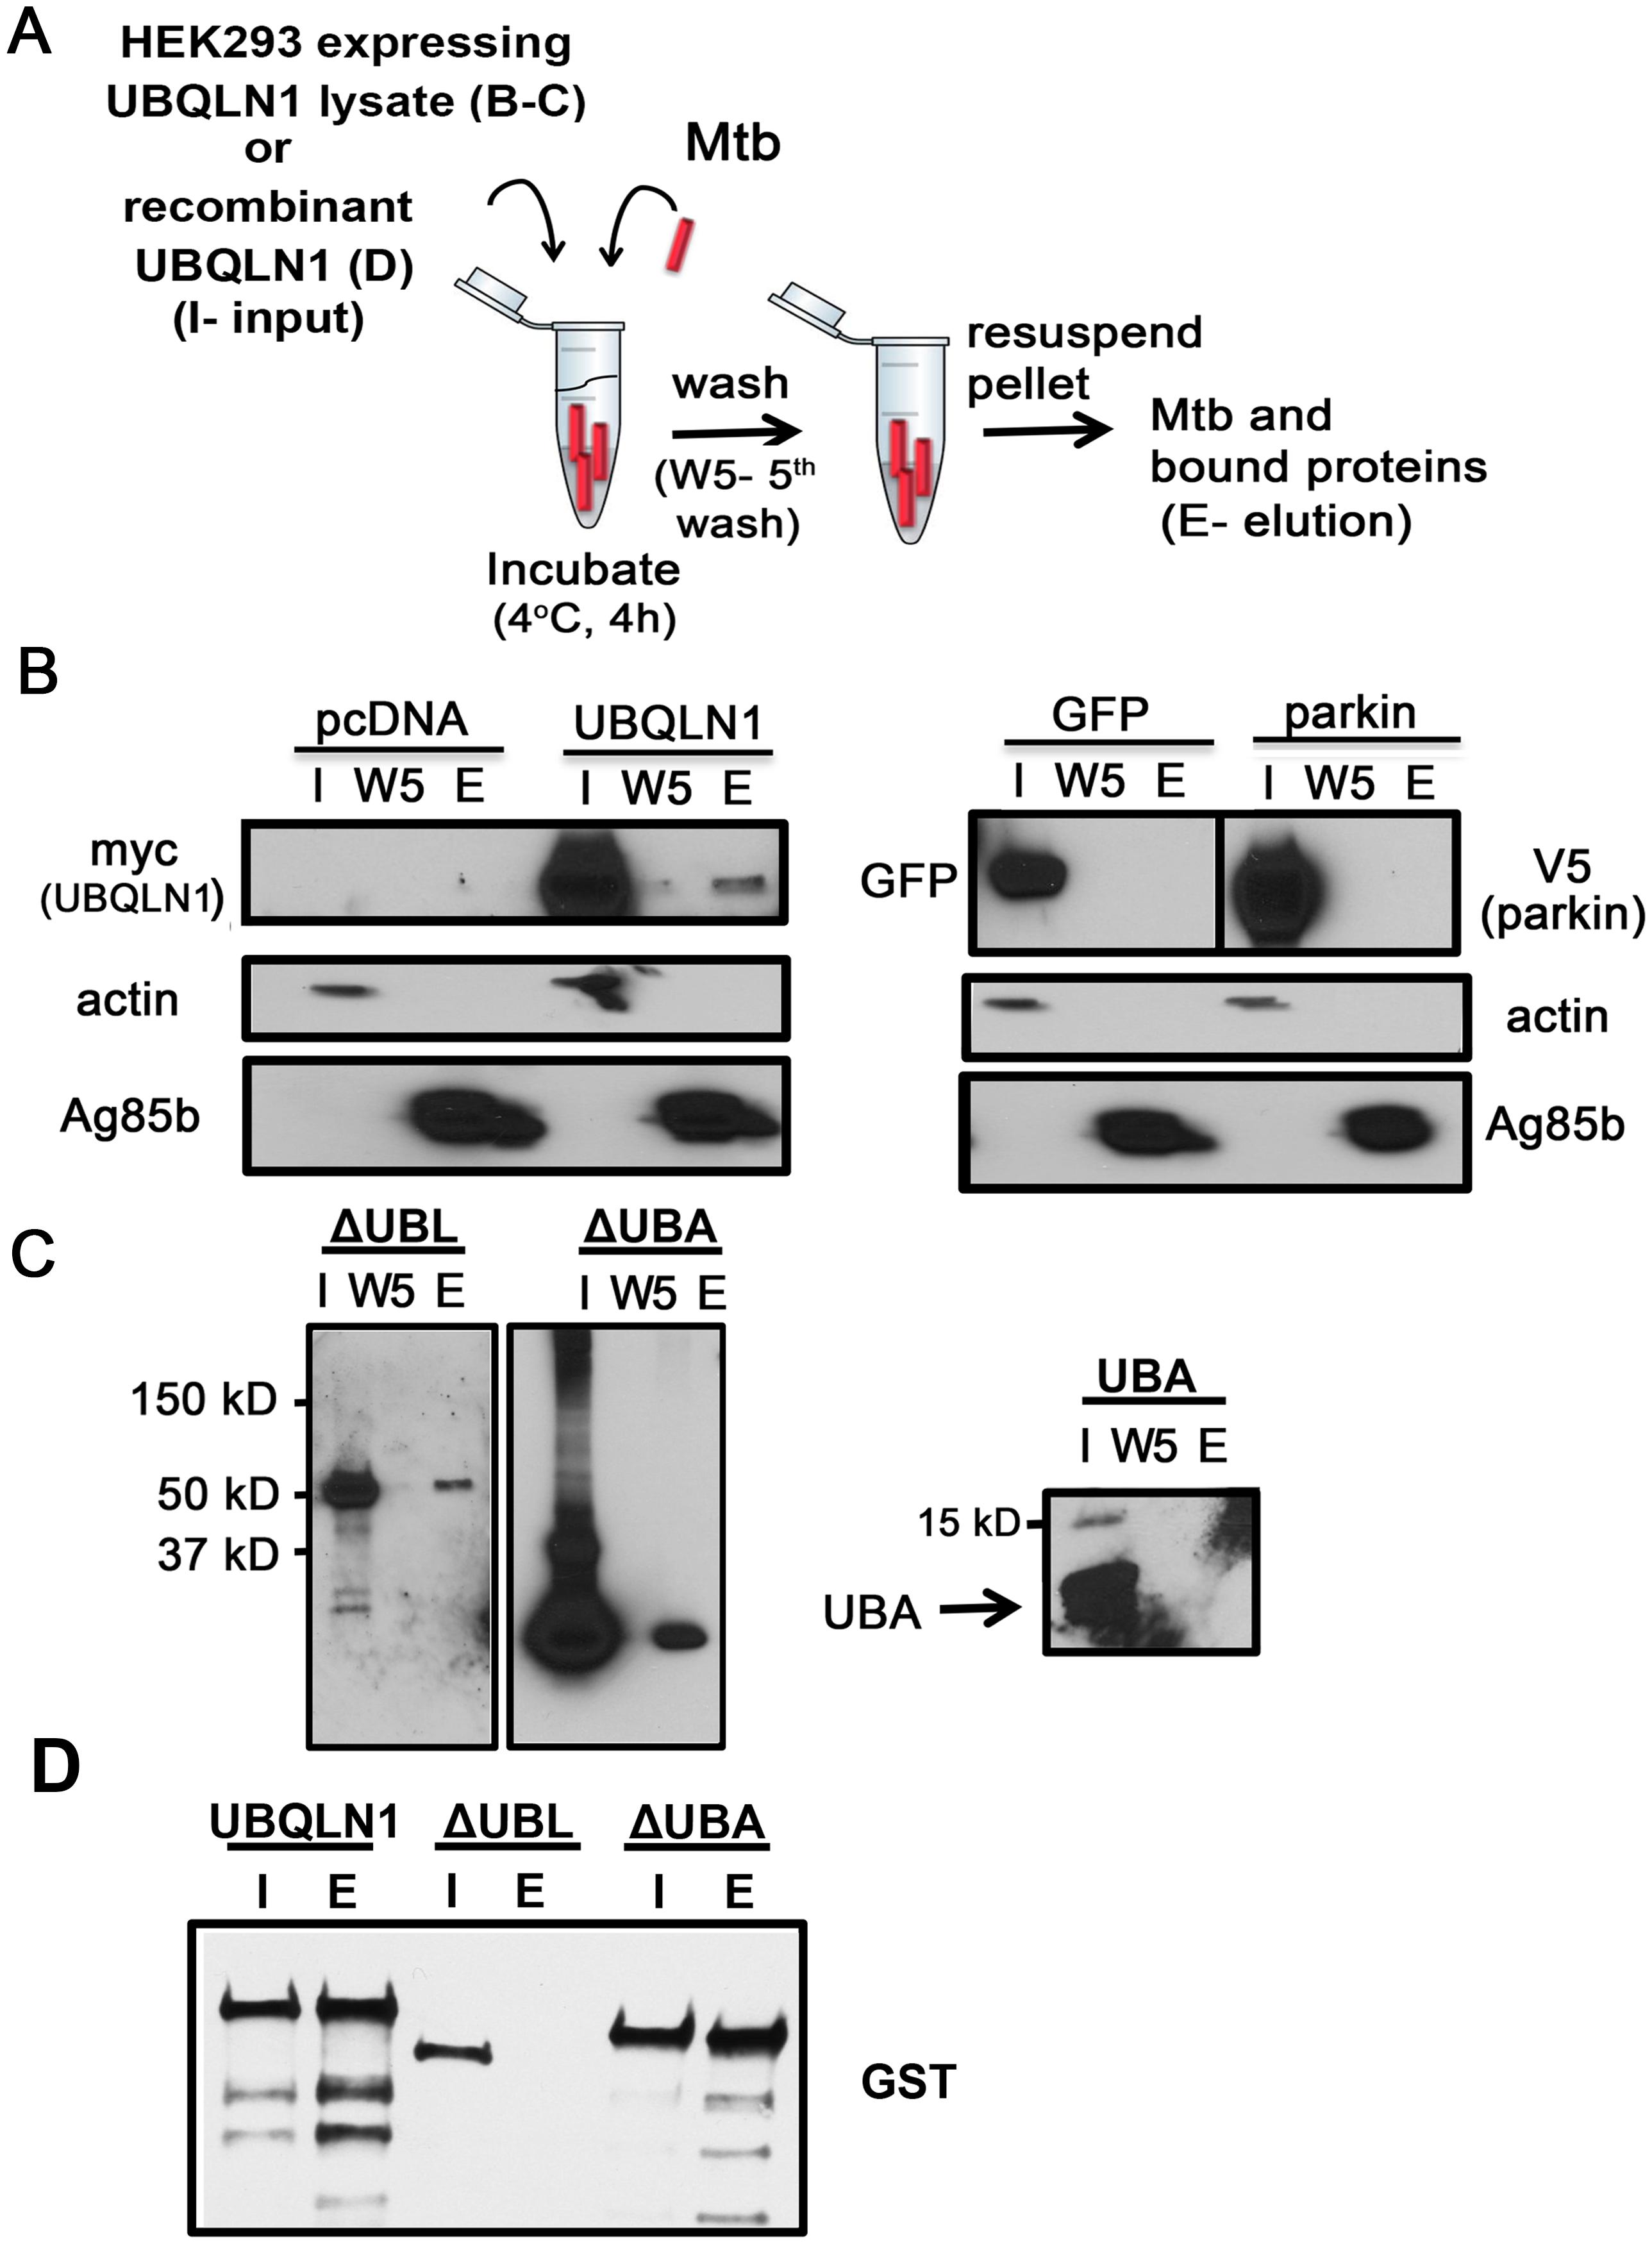 UBQLN1 binds Mtb <i>in vitro</i>.